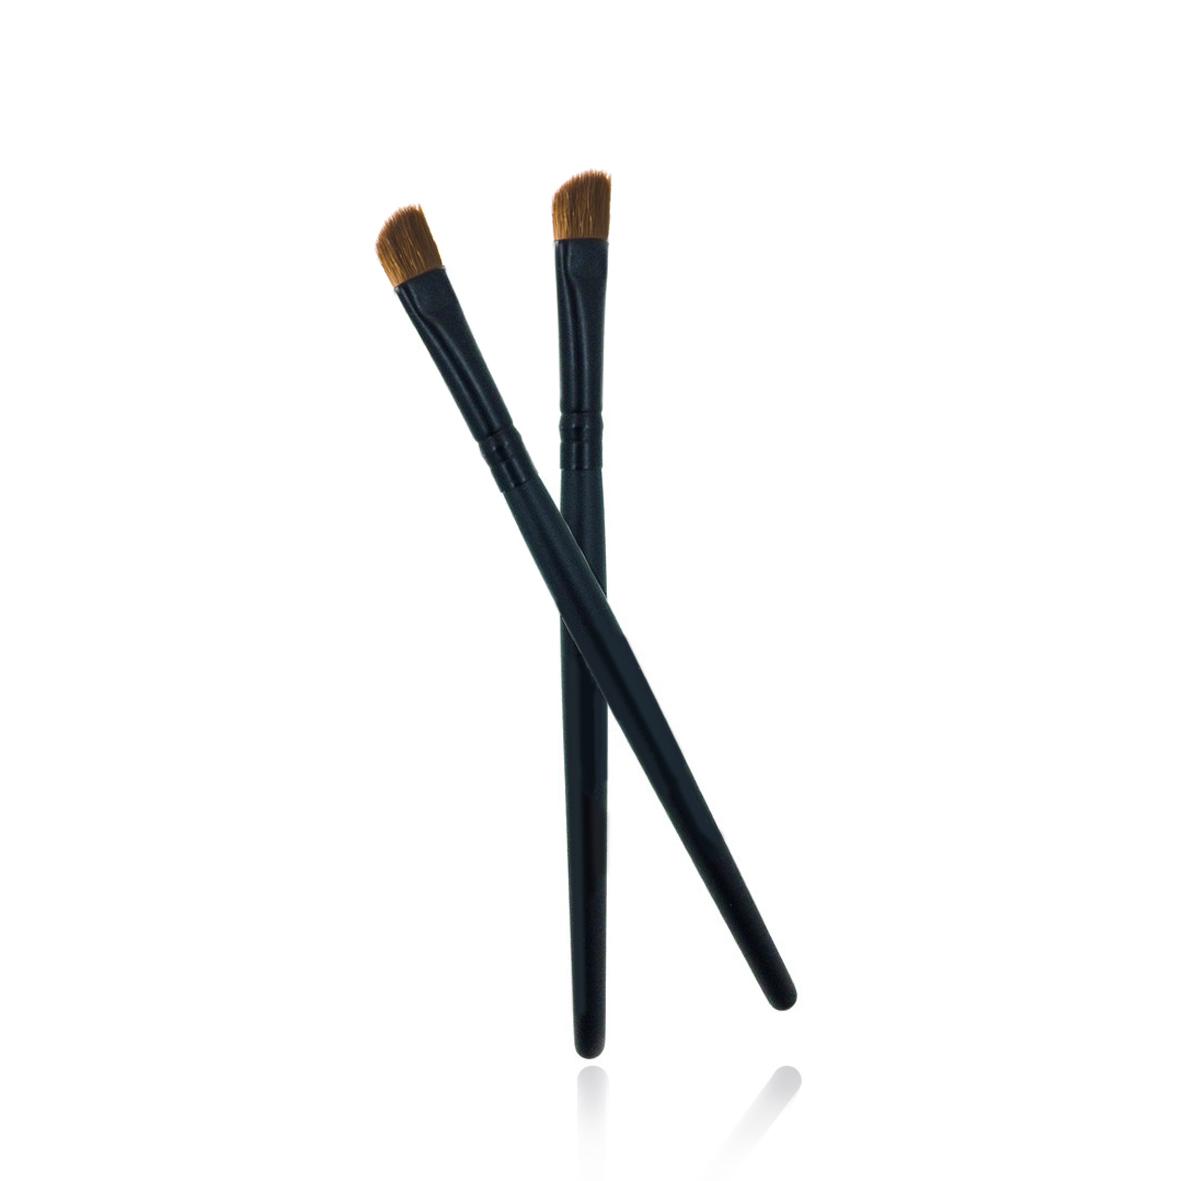 POSH Кисточка профессиональная для растушевки и подводки, со скосом (волокно кинеколон)